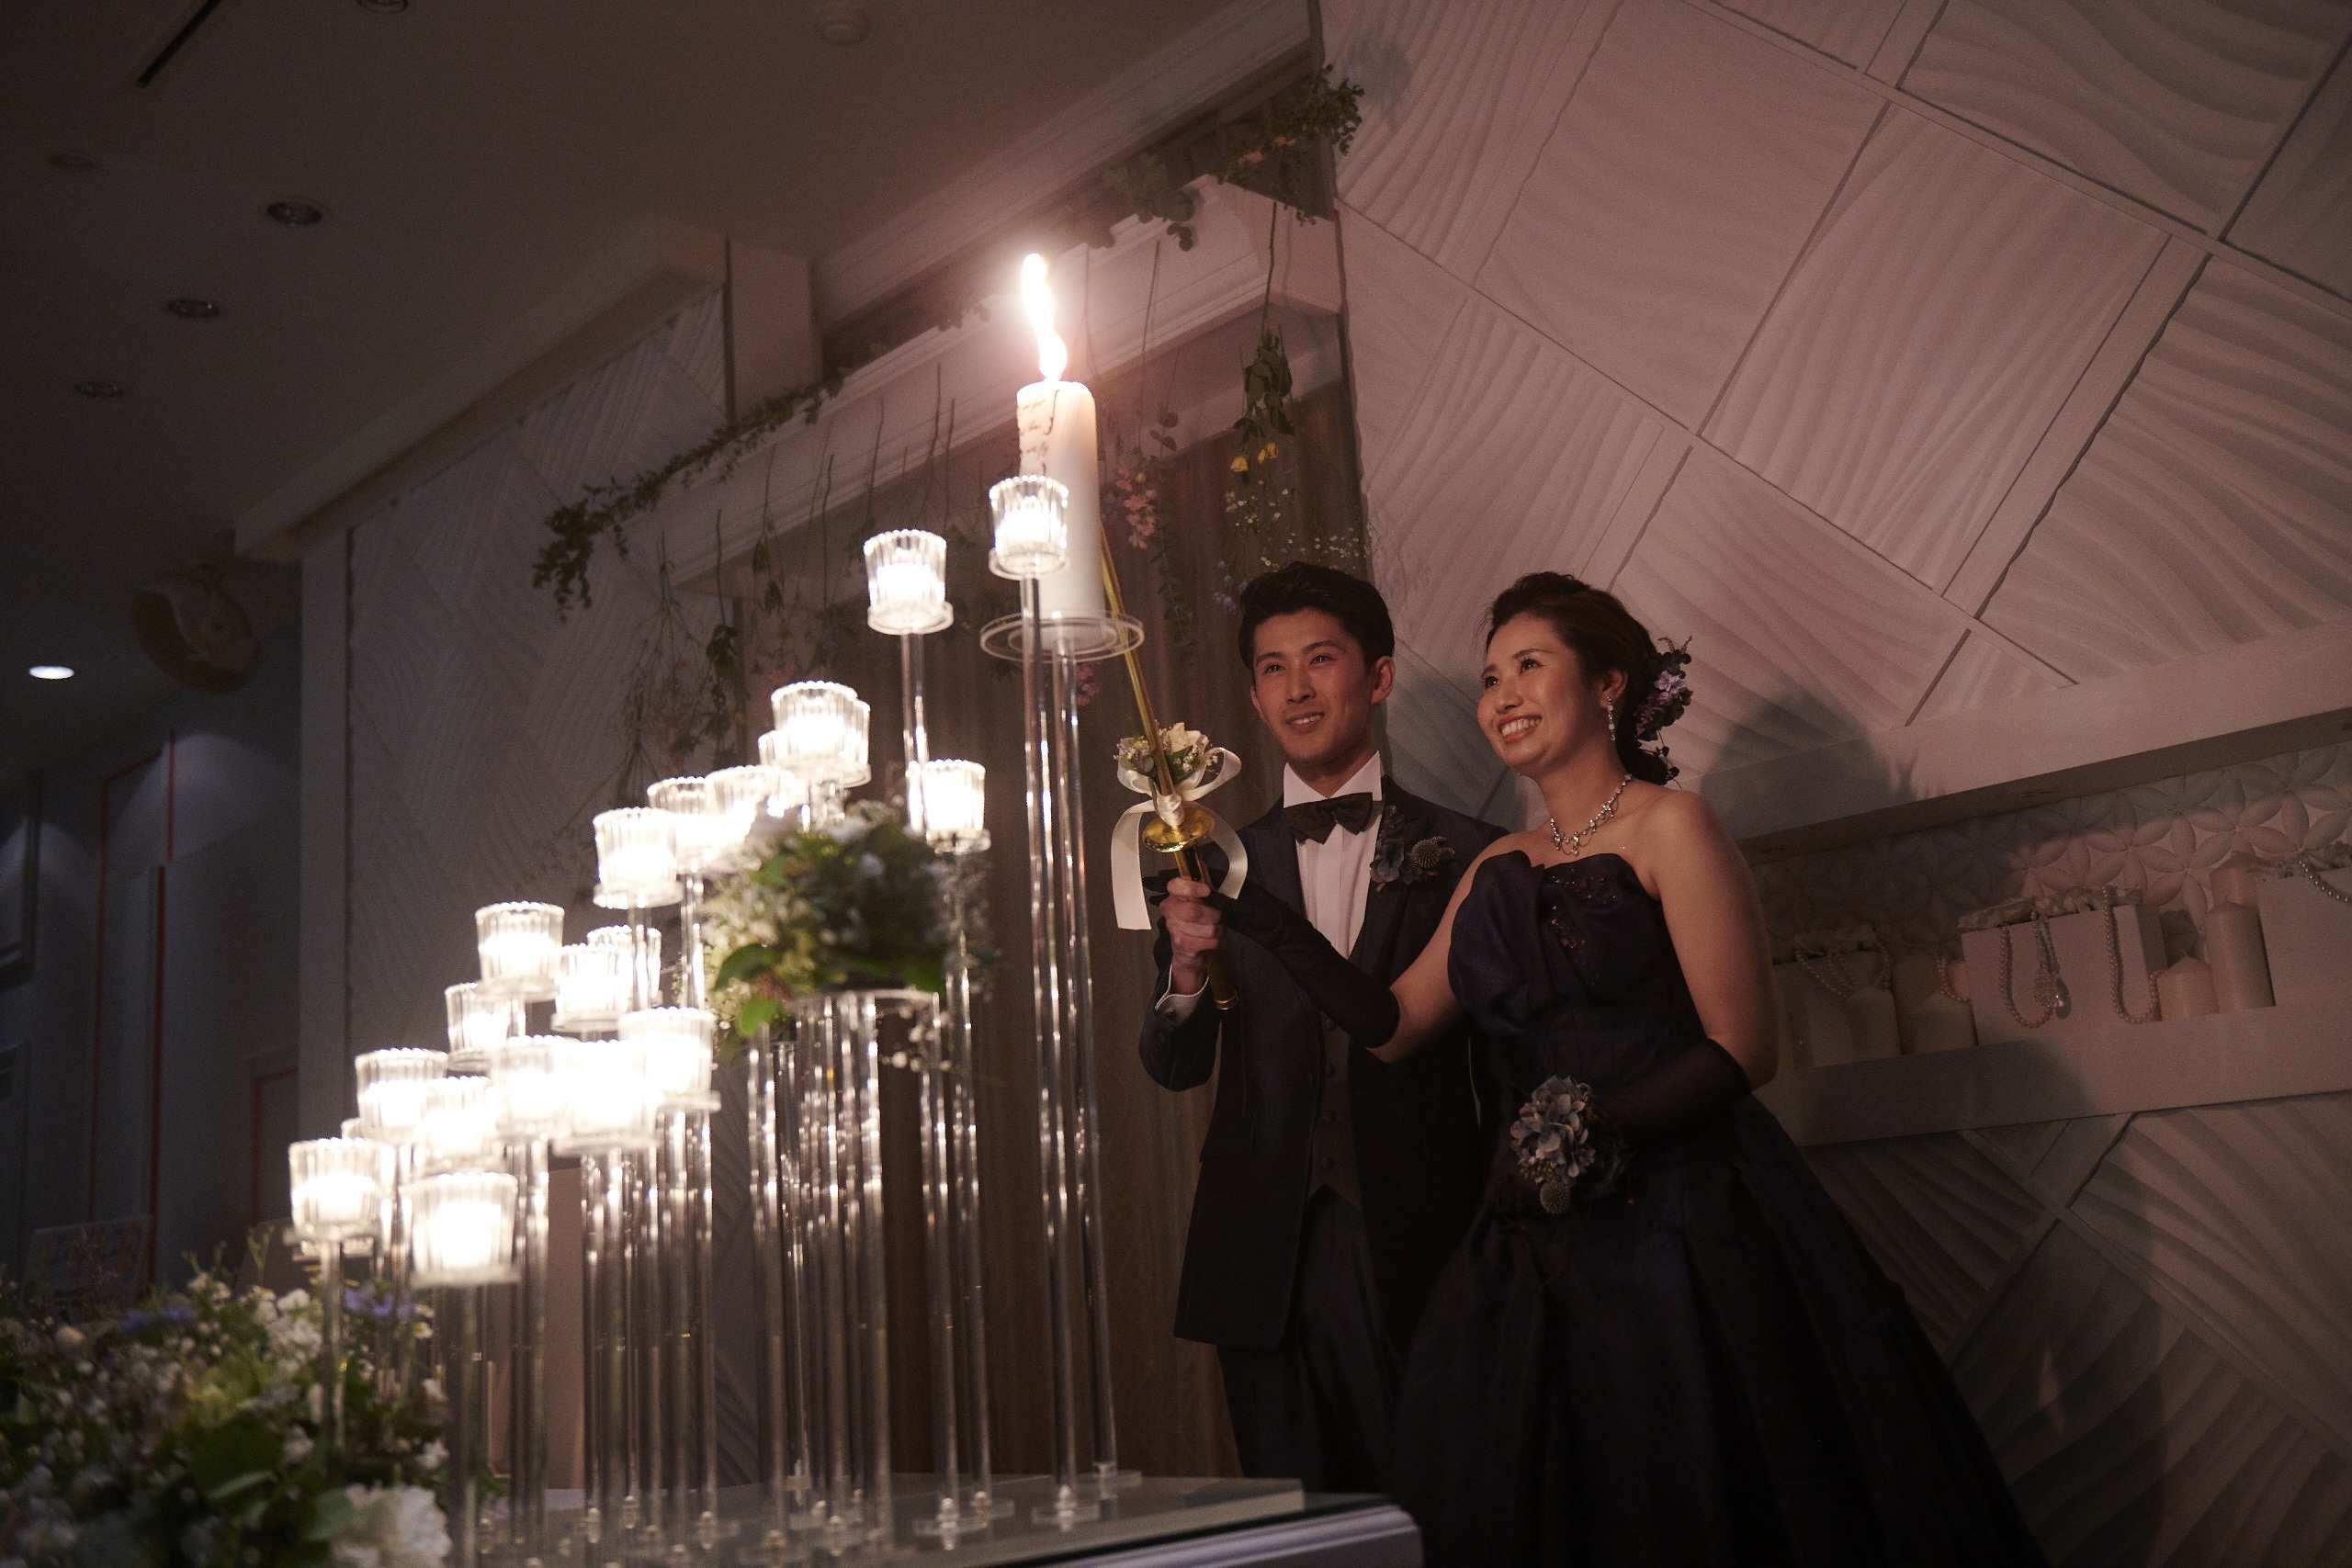 徳島市の結婚式場ブランアンジュでメインキャンドルを点火する新郎新婦様